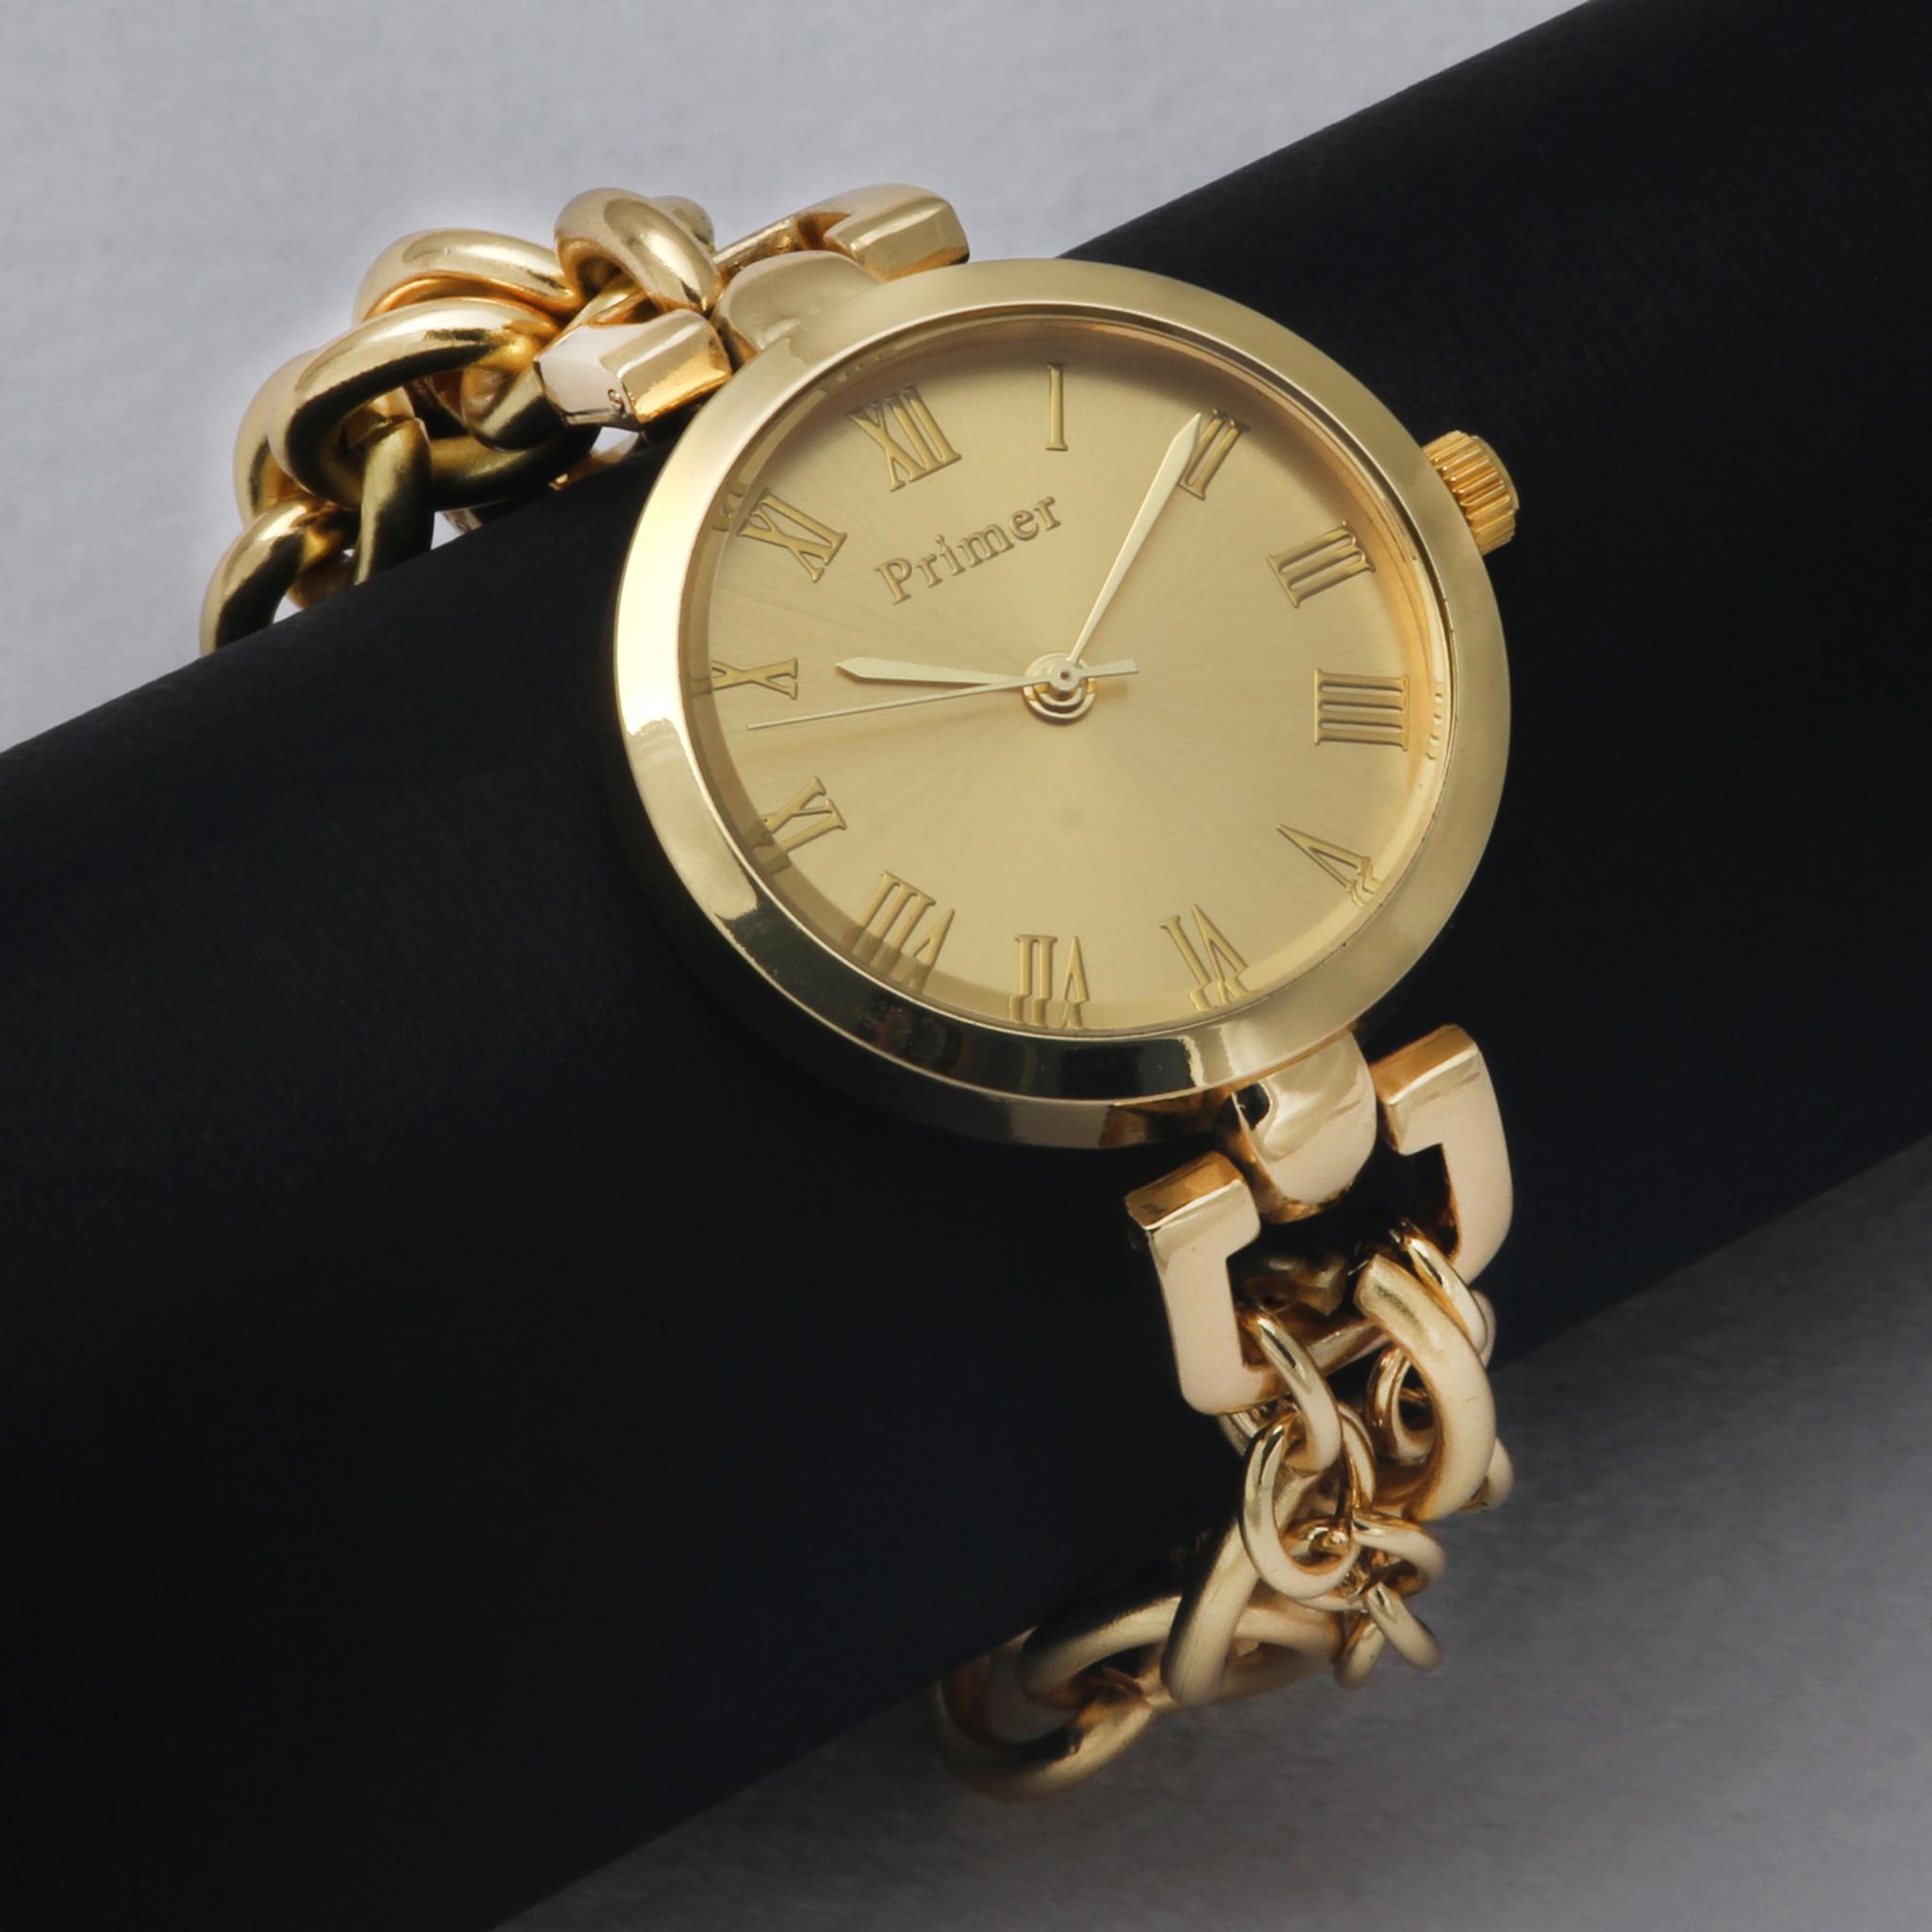 ساعت مچی عقربه ای زنانه پرایمر مدل pr-5022gg              خرید (⭐️⭐️⭐️)